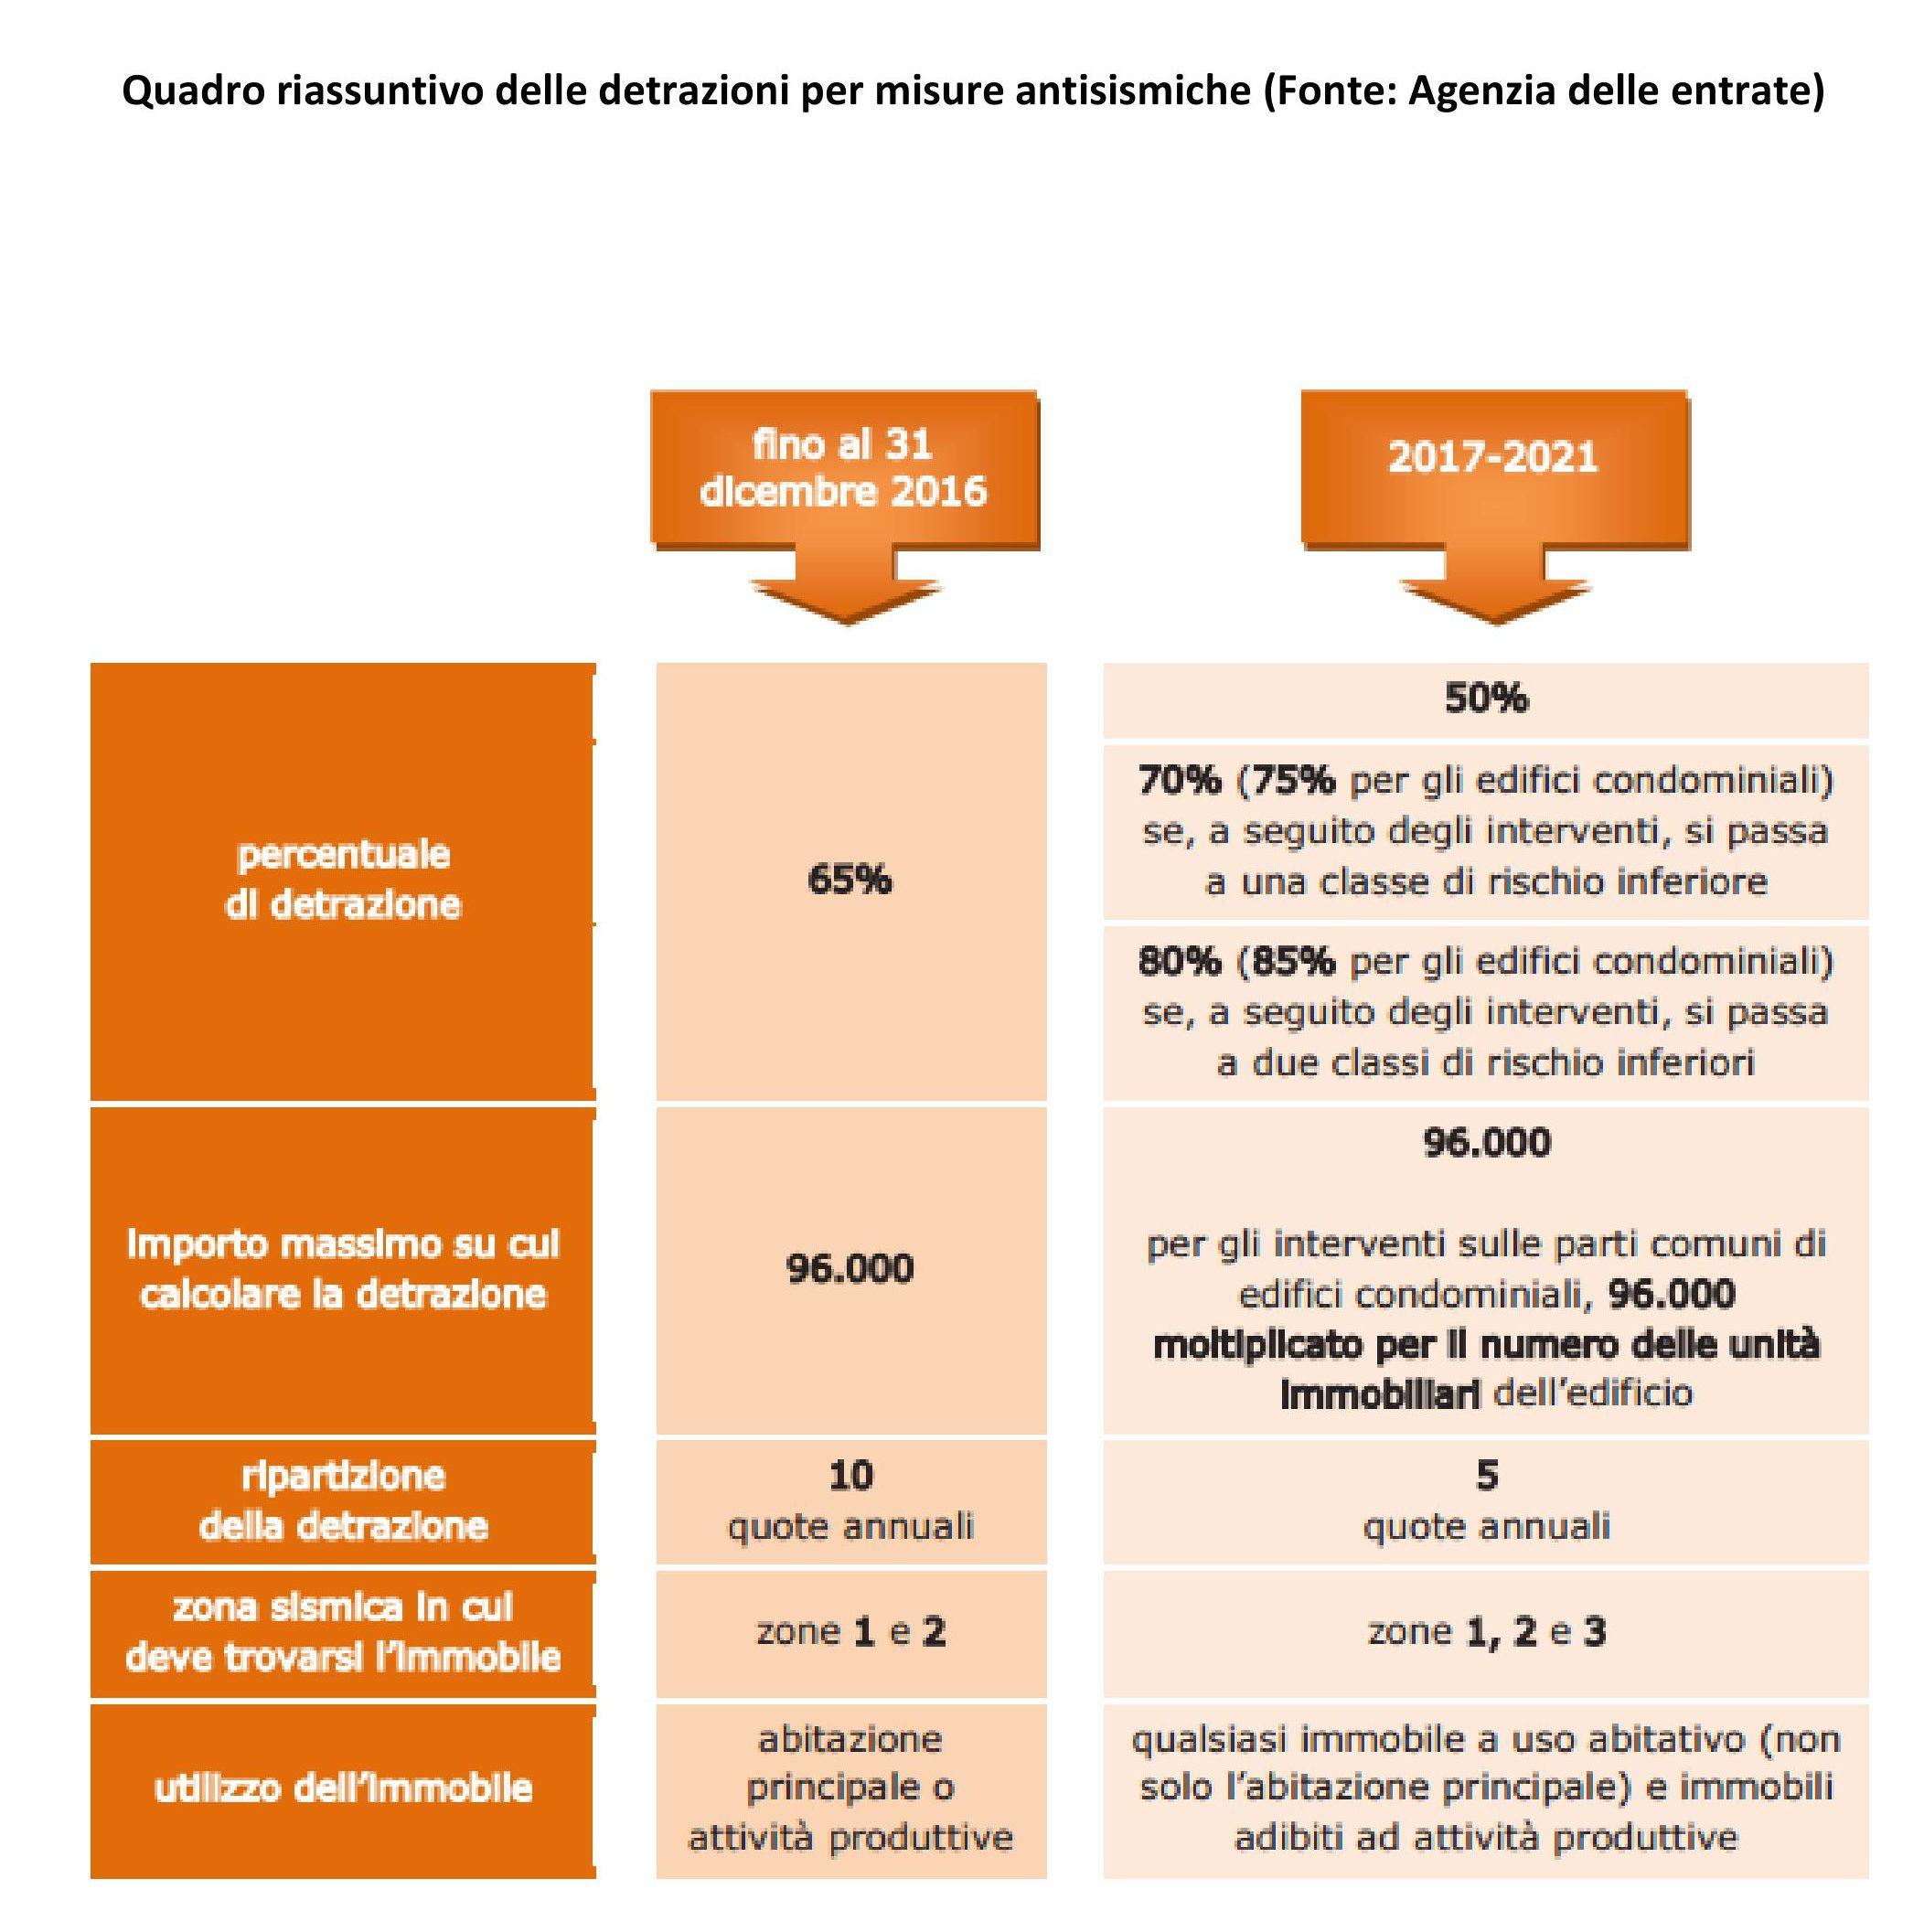 Good Misure Antisismiche Detrazioni 2017 2021